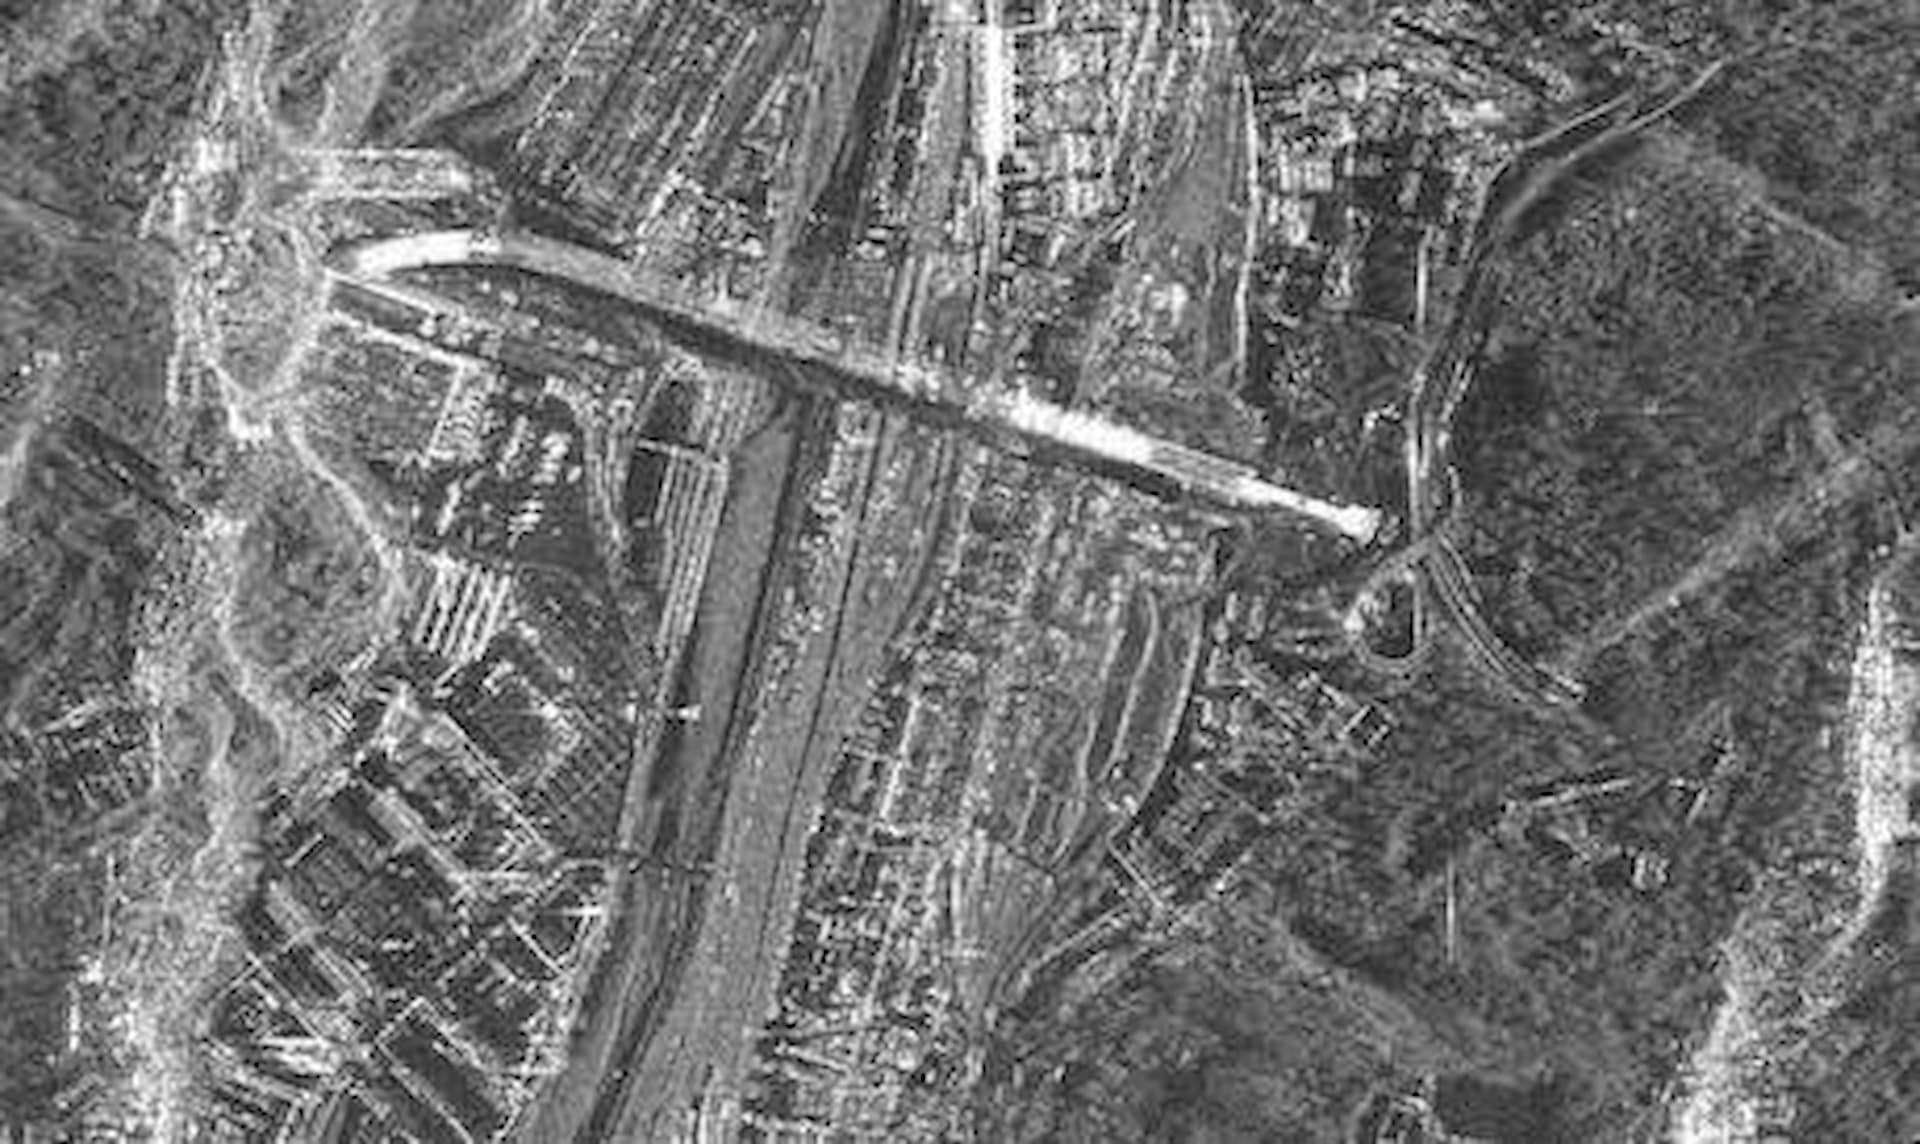 ASI - Il ponte di Genova visto dallo spazio